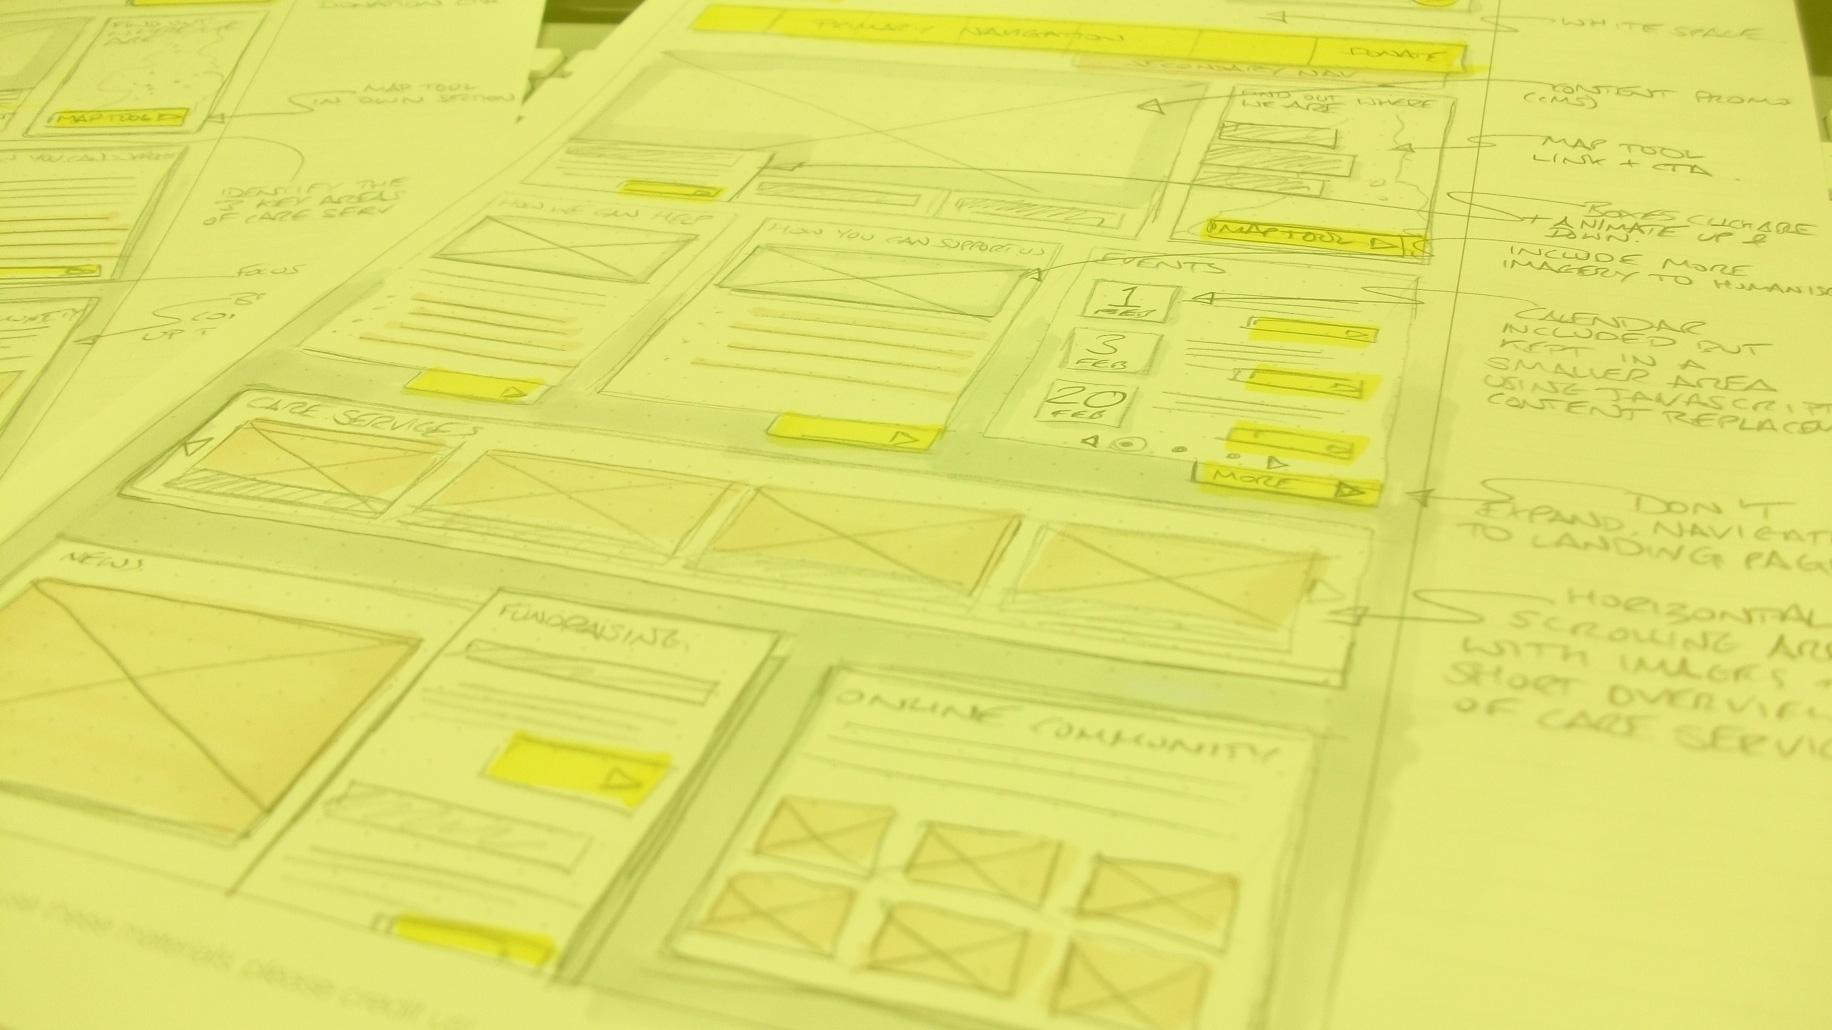 Η παρεξηγημένη έννοια του σχεδιασμού